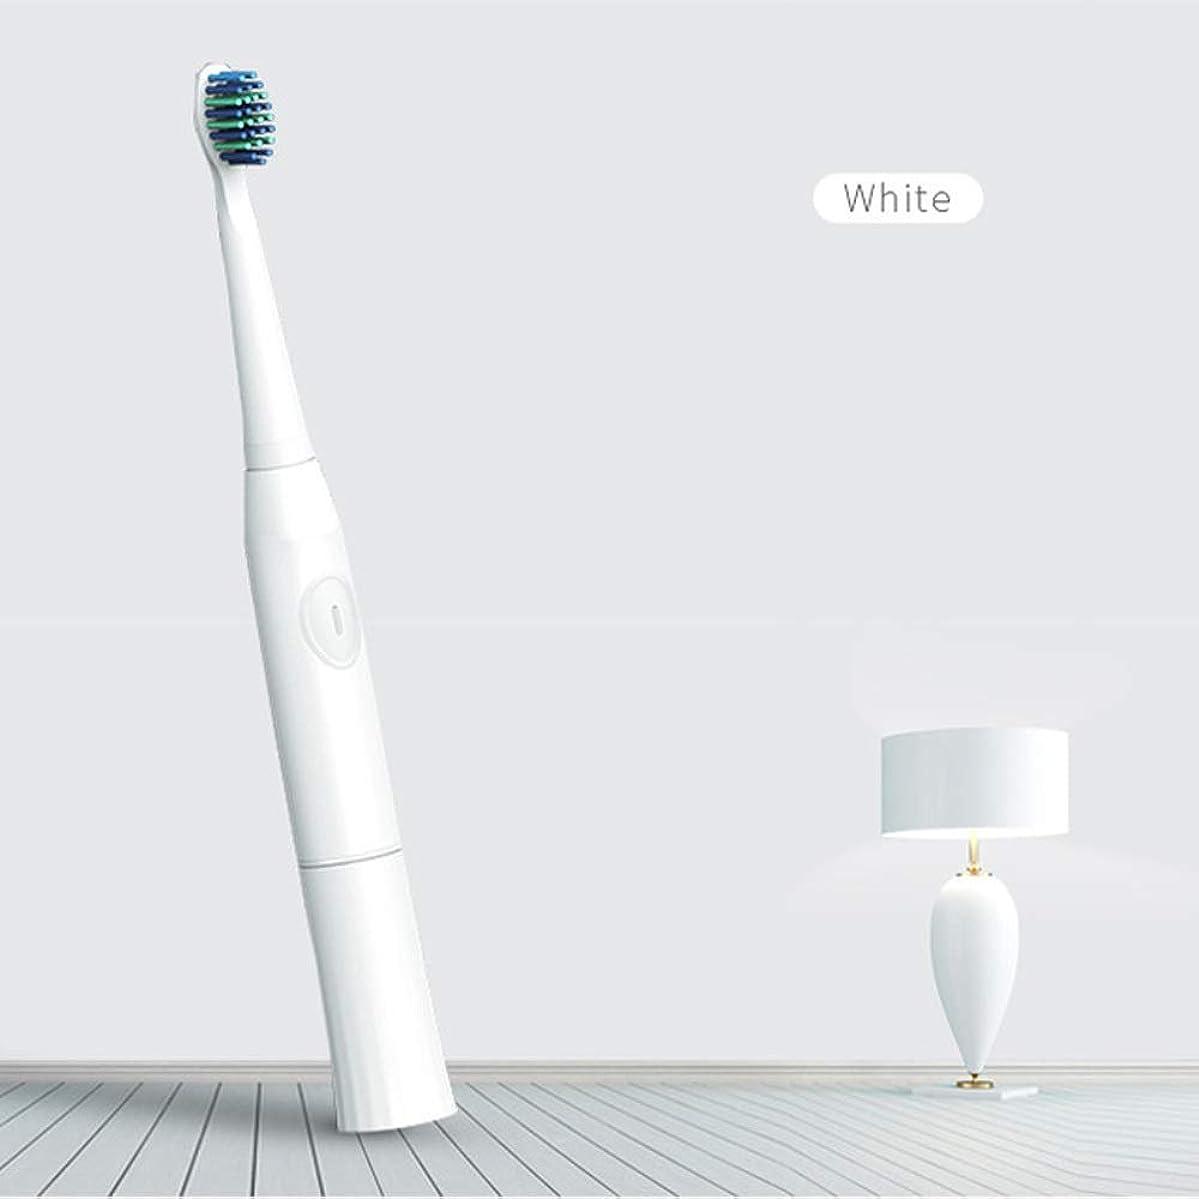 BeTyd 2つの取り替えのブラシヘッド電池が付いている電動歯ブラシ口頭衛生ブラシの音波歯ブラシ (Color : White)